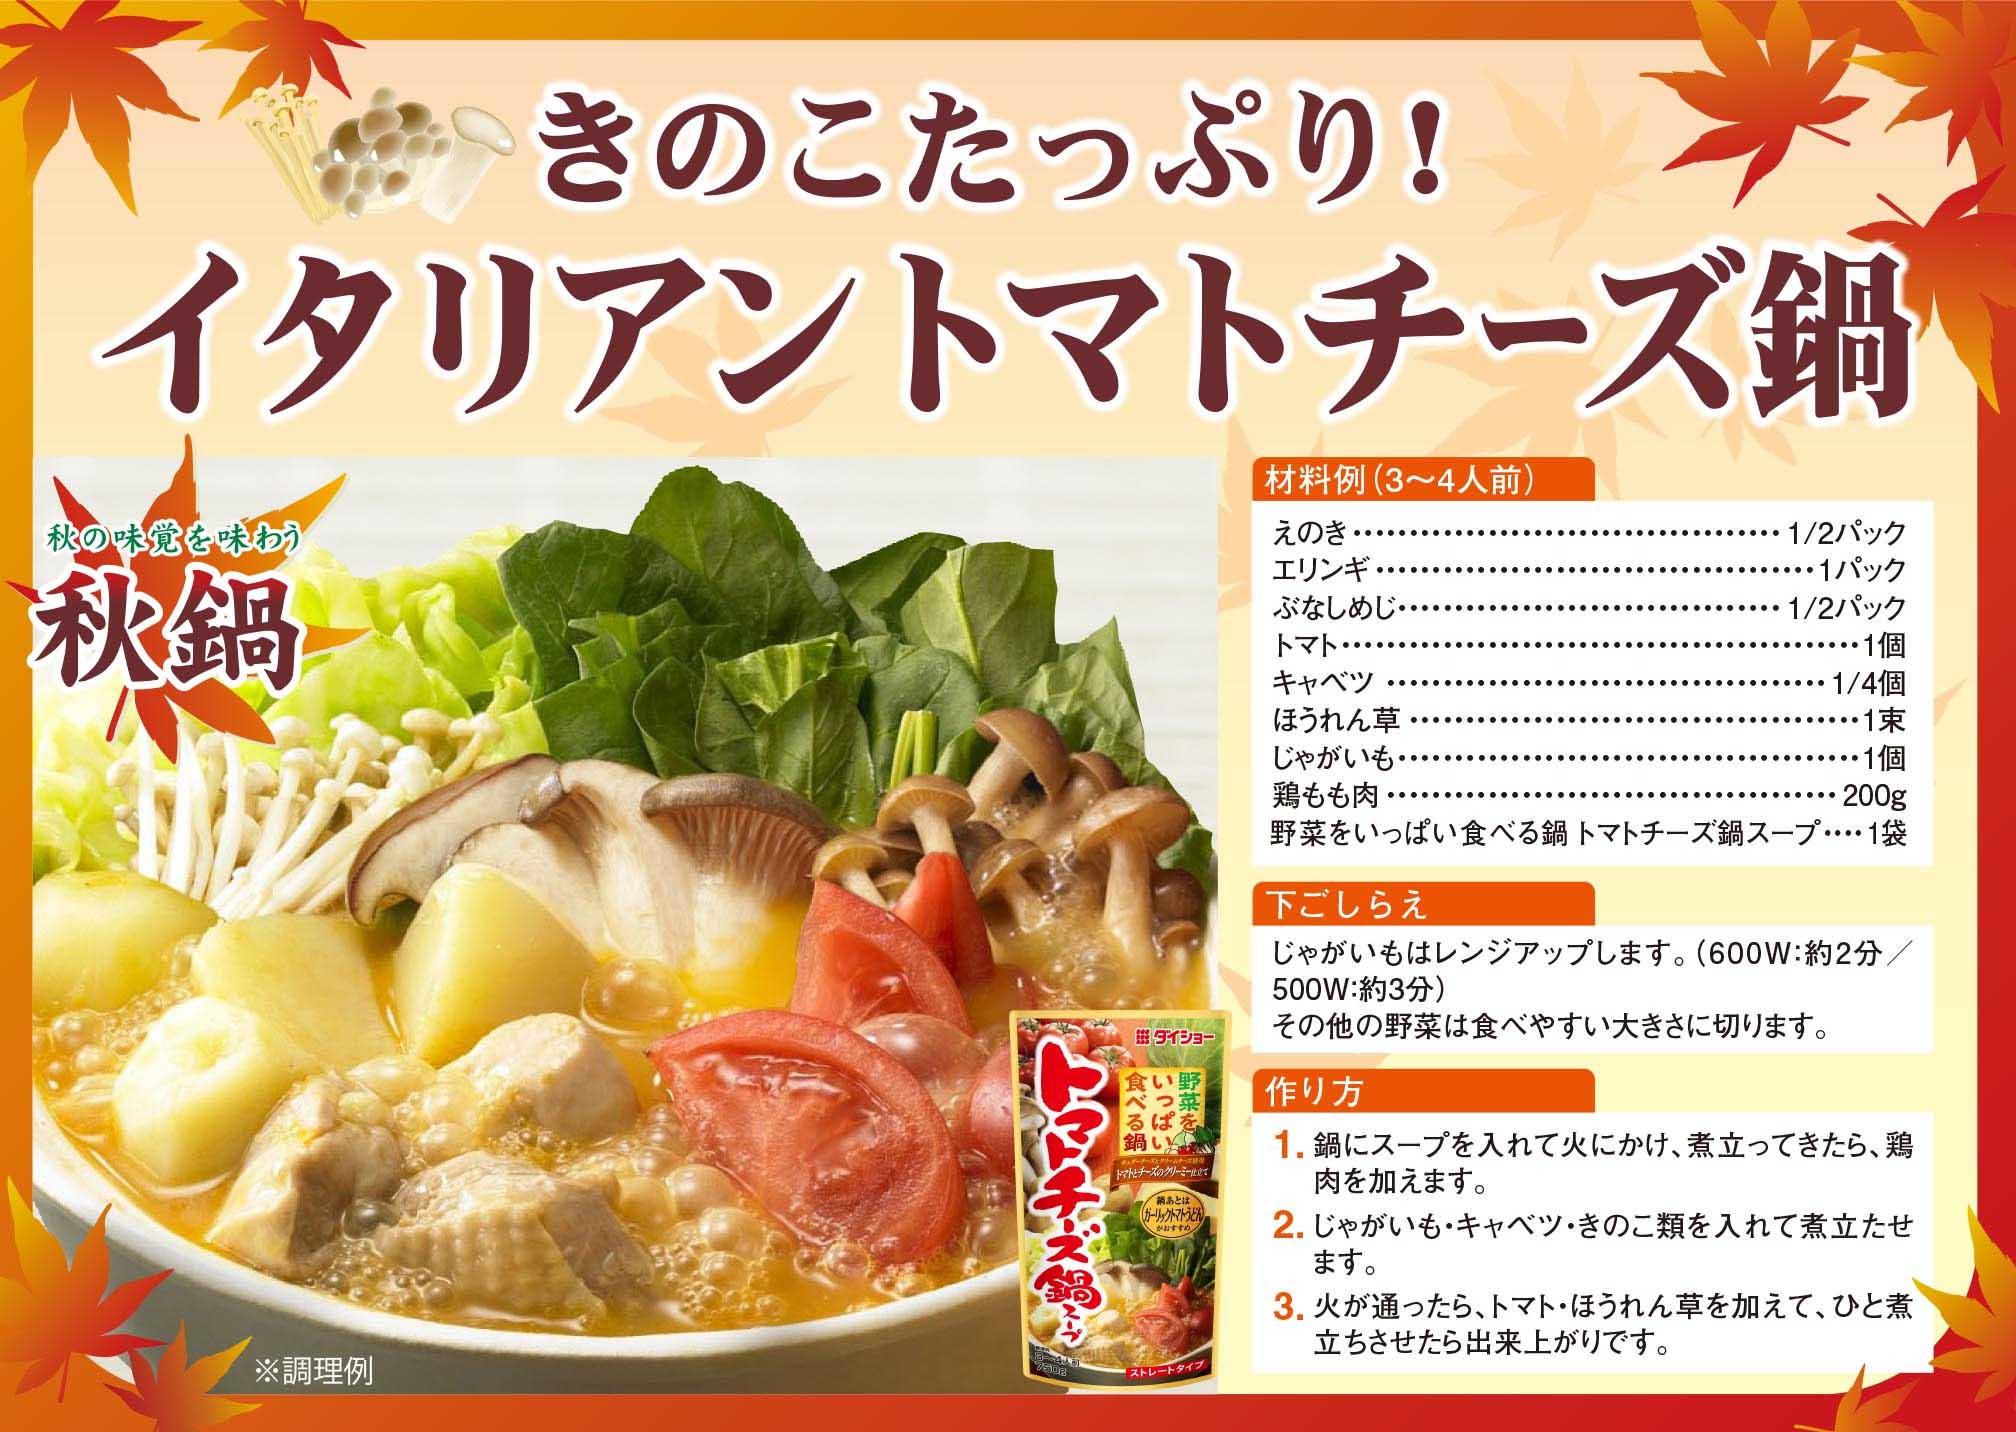 野菜をいっぱい食べる鍋 トマトチーズ鍋商品画像(秋)